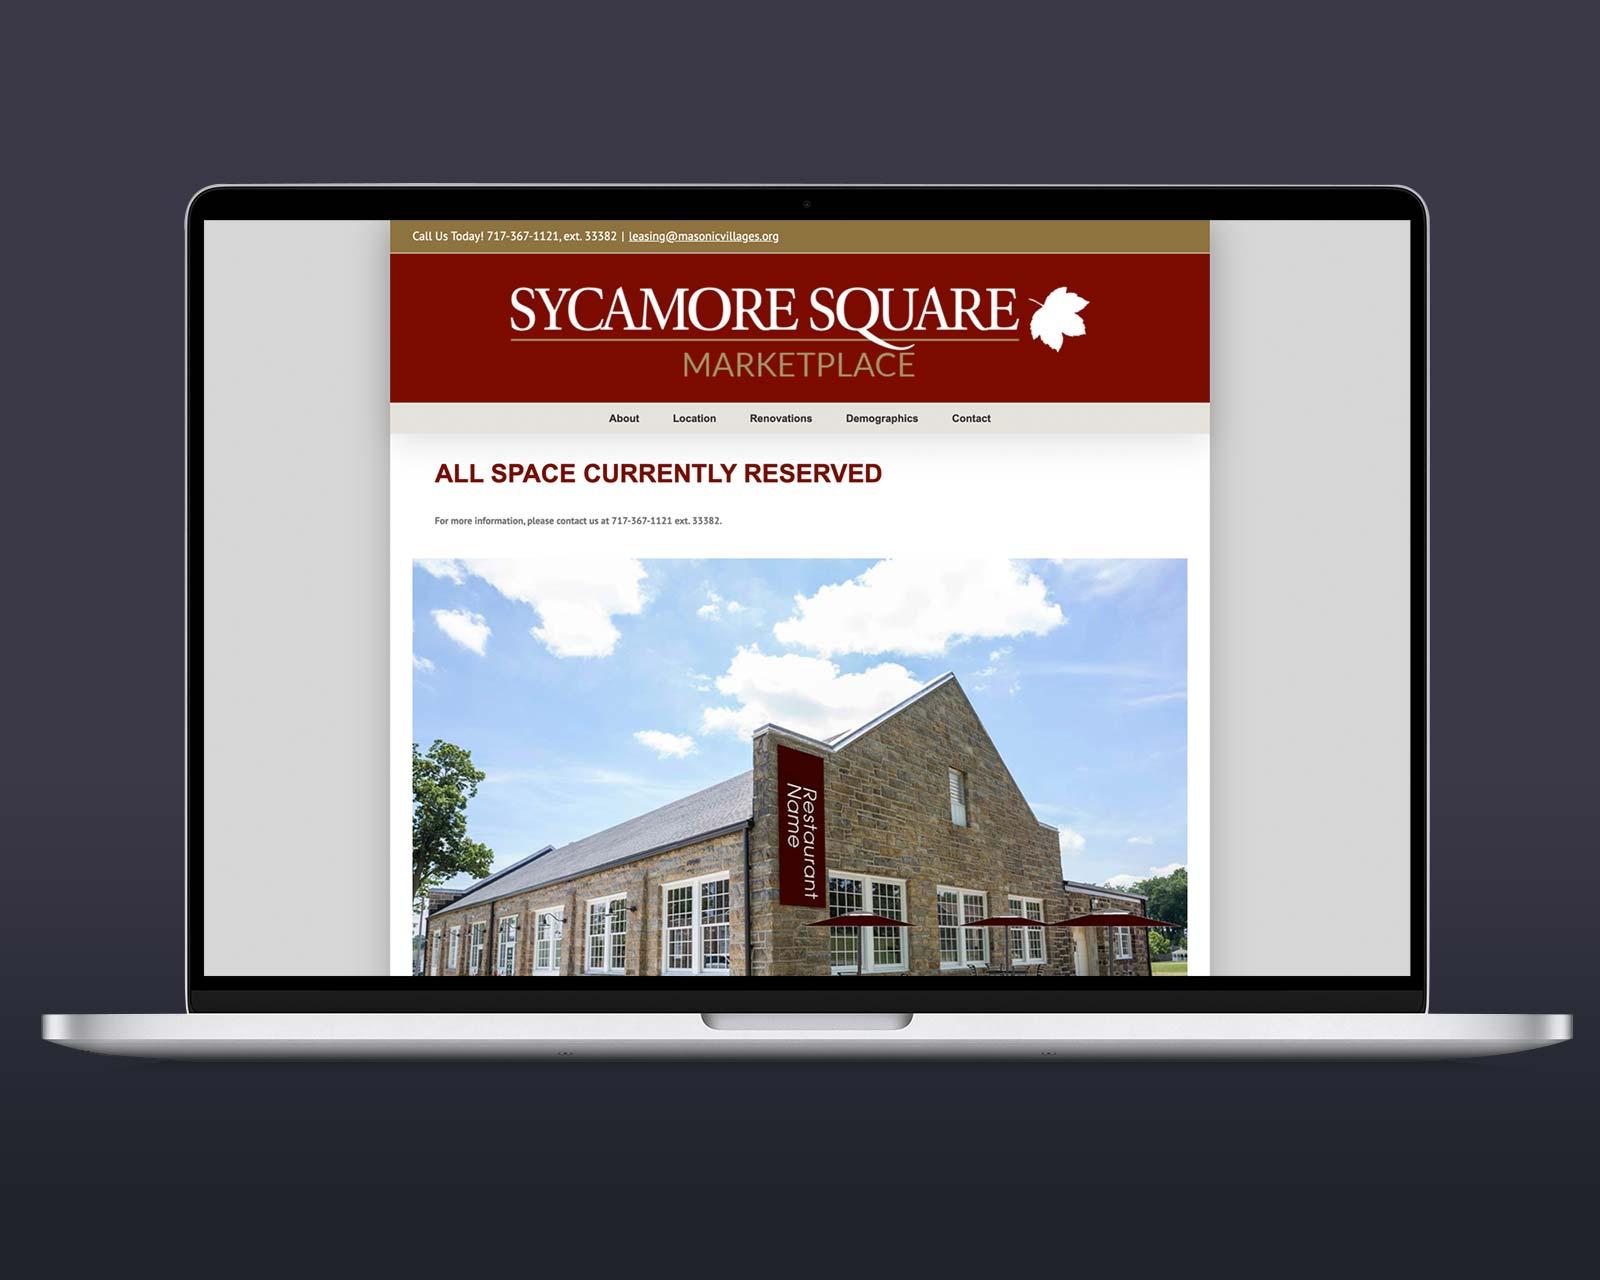 Sycamore Square Marketplace